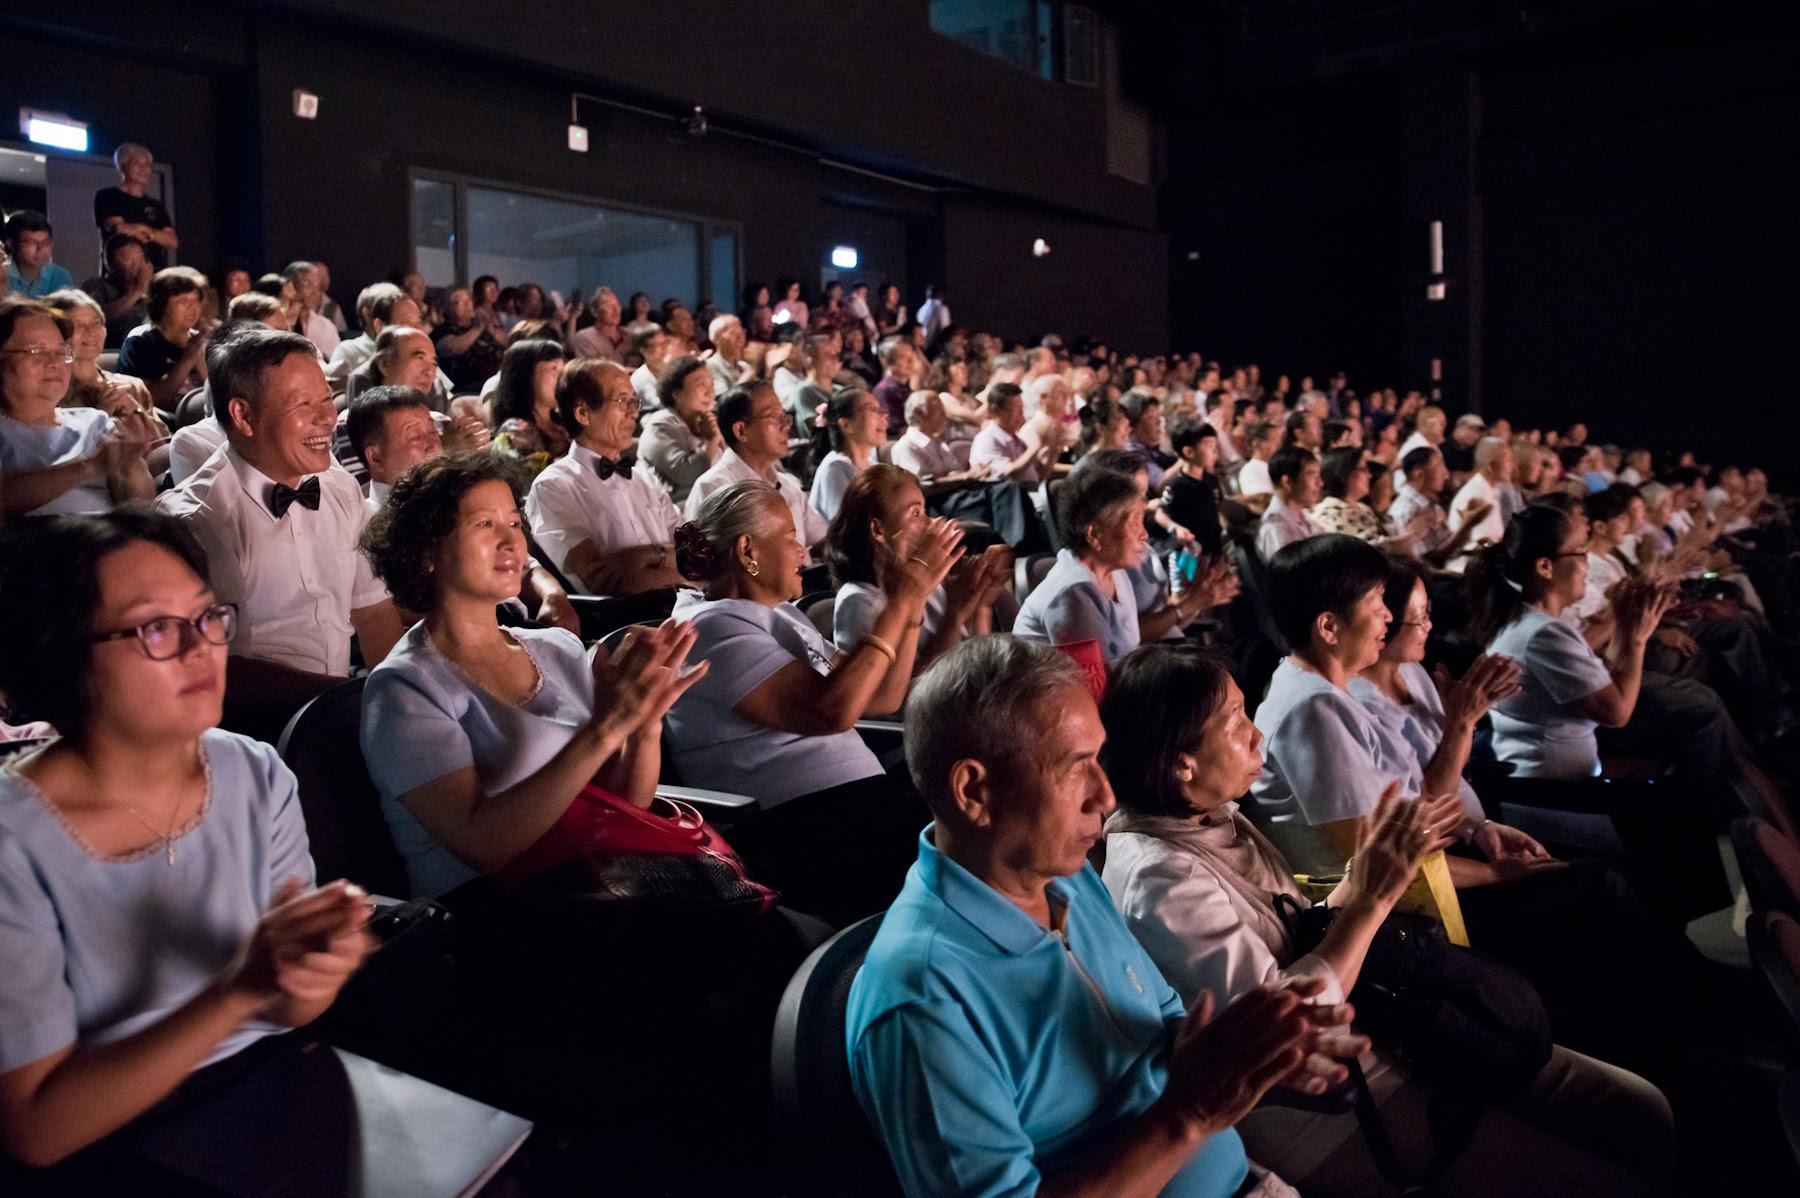 日本聲樂家一鐵久美子演唱完「親愛的爸爸」獲得滿堂彩